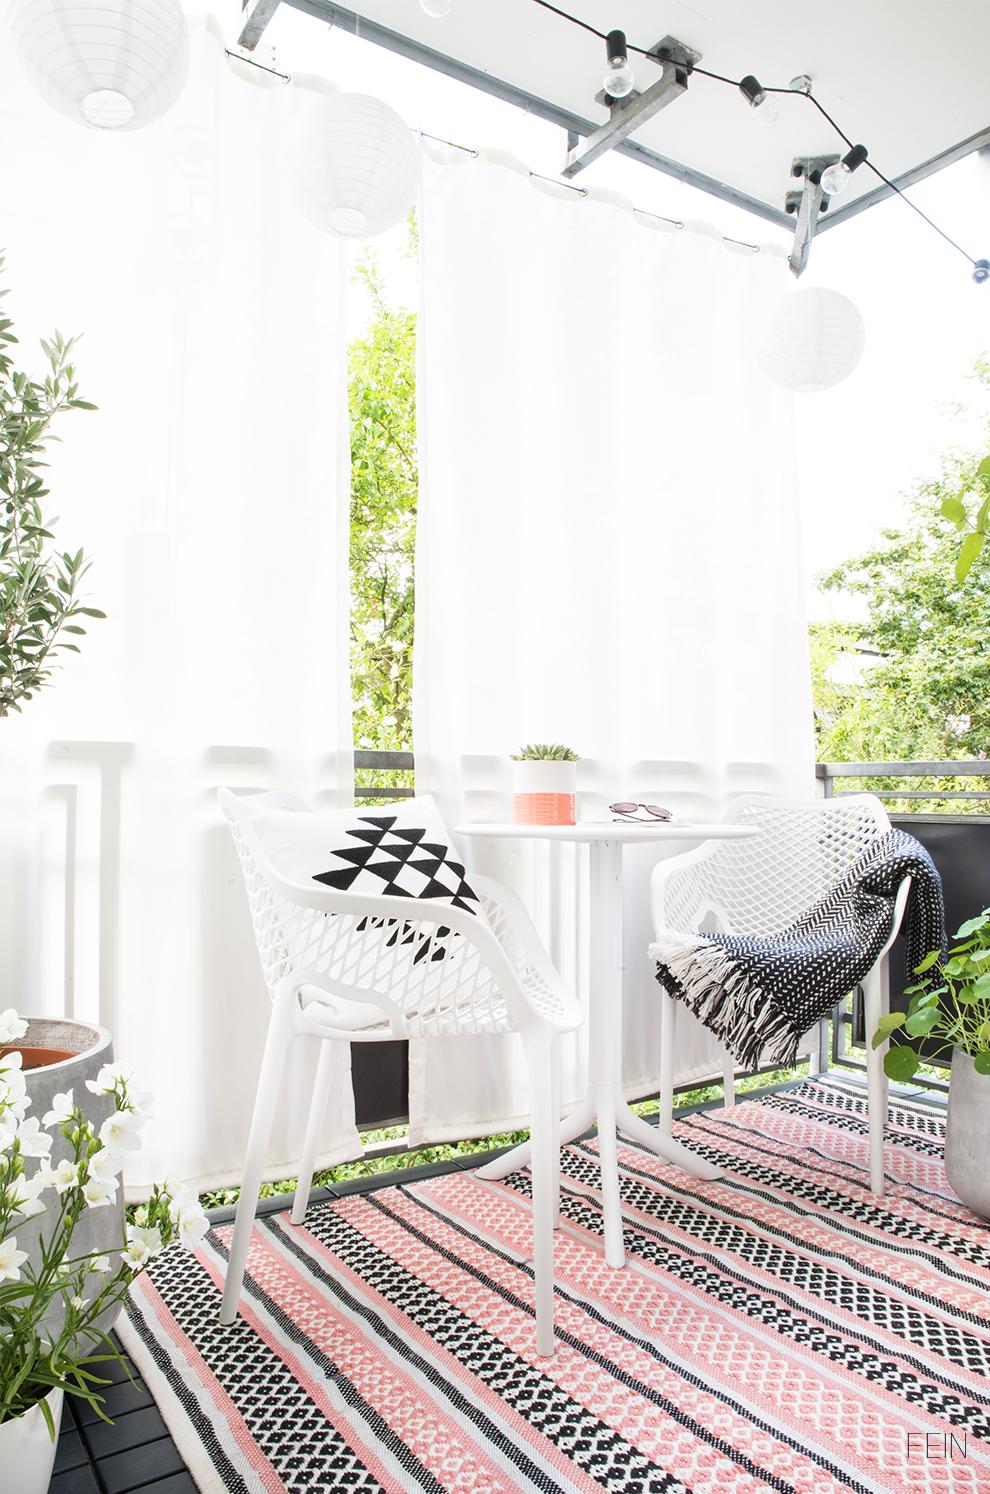 Balkonsaison Sytling Tipps